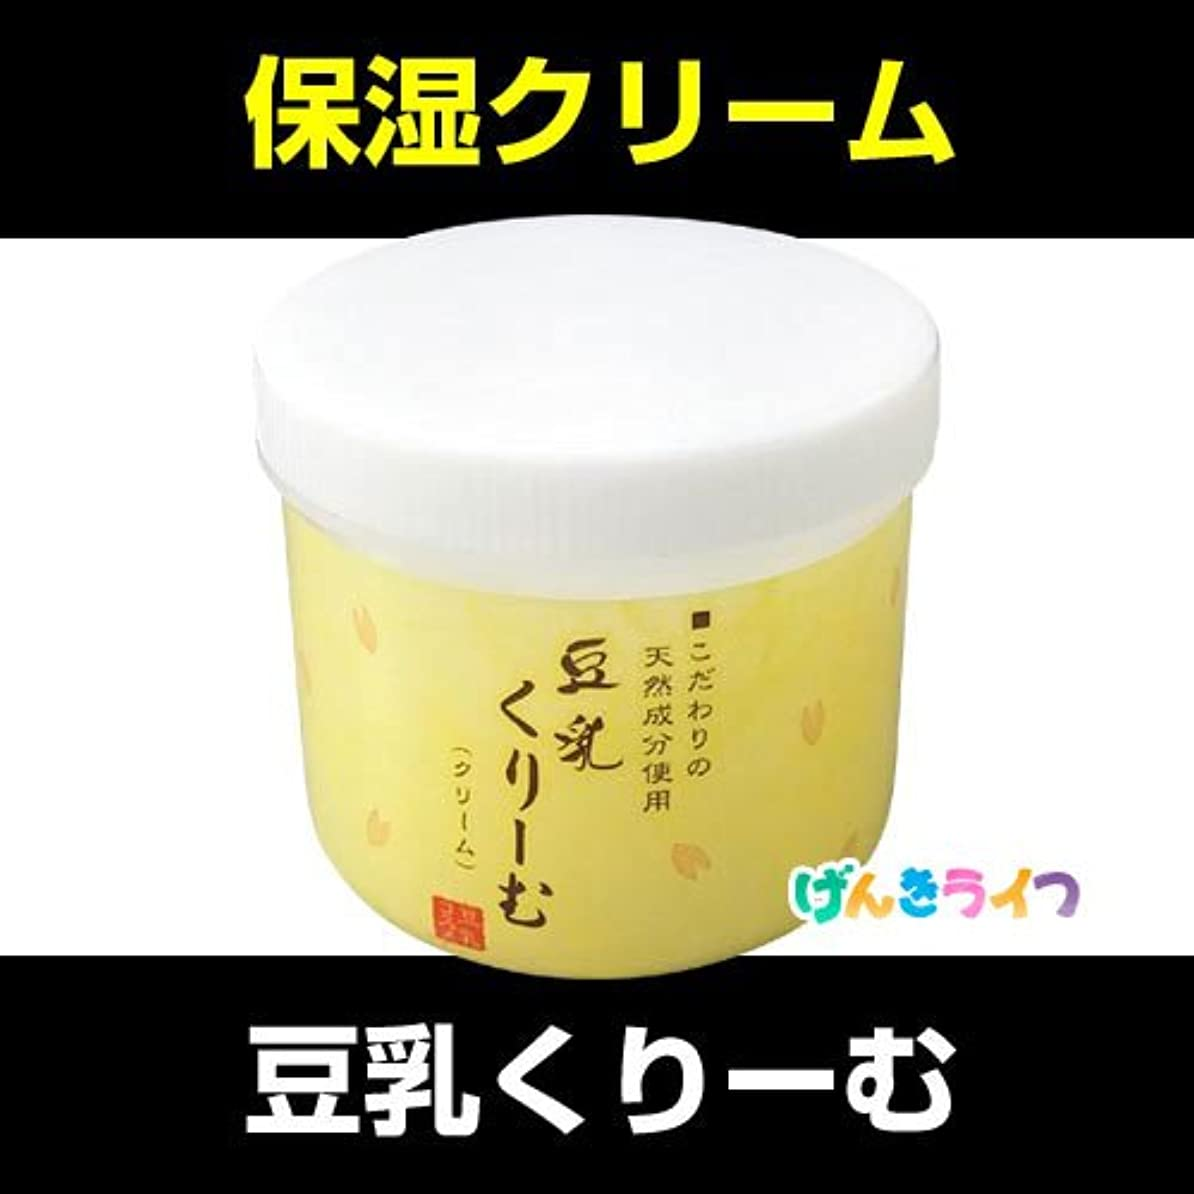 ハンディアルプス開拓者吉野ふじや謹製 とうにゅうくりーむ(豆乳クリーム)【3個】